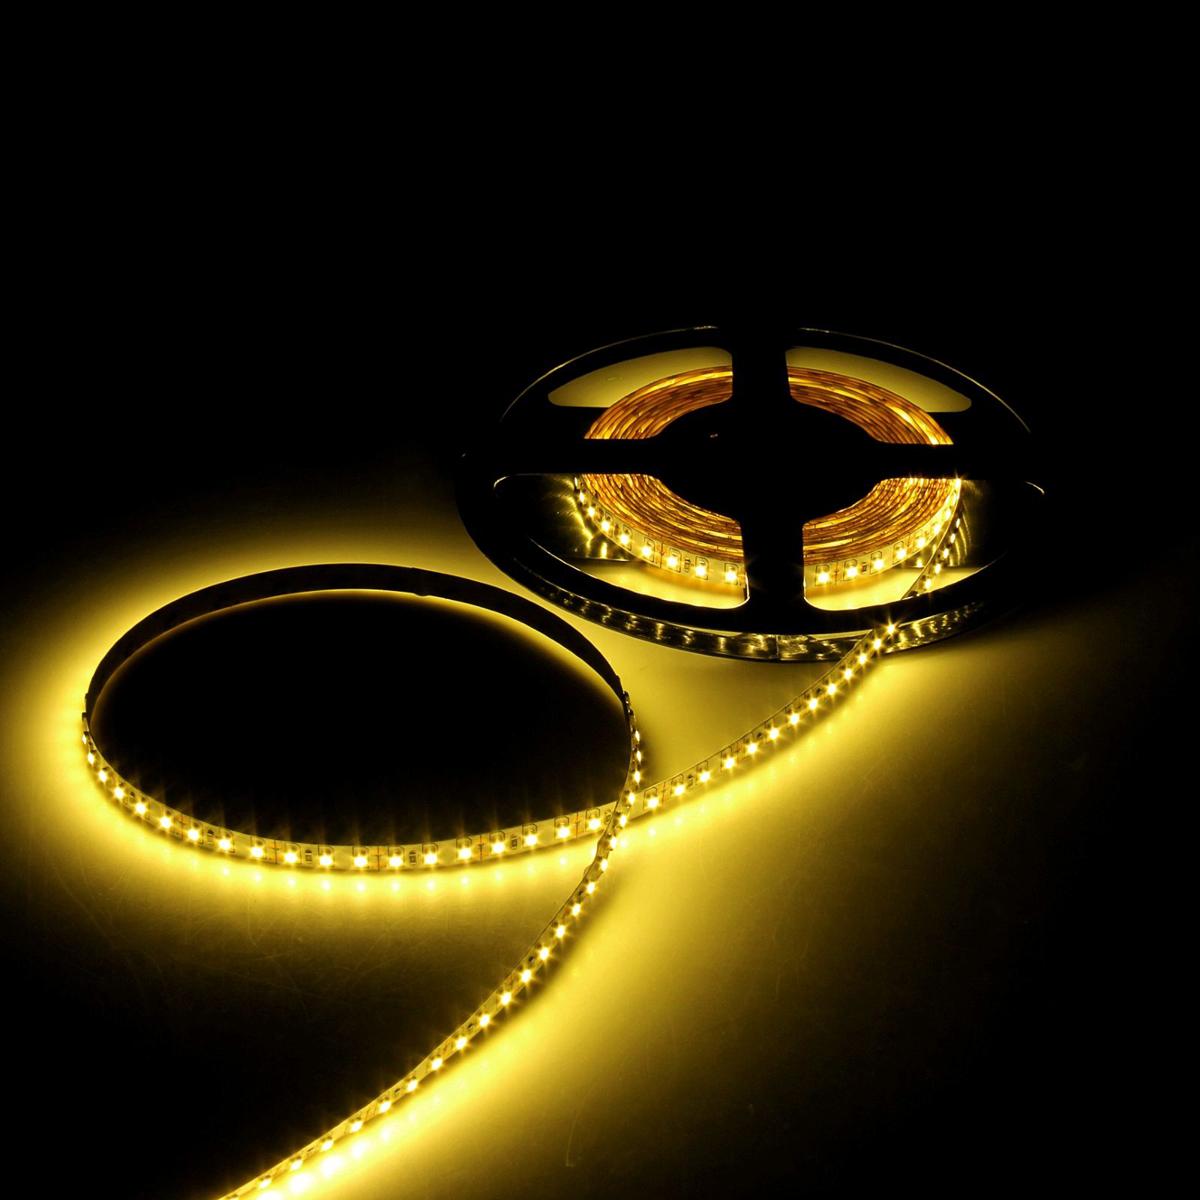 Светодиодная лента Luazon, 12В, SMD3528, длина 5 м, IP65, 120 LED ламп, 9.6 Вт/м, 6-7 Лм/1 LED, DC, цвет: желтый. 883902883902Светодиодные гирлянды, ленты и т.д — это отличный вариант для новогоднего оформления интерьера или фасада. С их помощью помещение любого размера можно превратить в праздничный зал, а внешние элементы зданий, украшенные ими, мгновенно станут напоминать очертания сказочного дворца. Такие украшения создают ауру предвкушения чуда. Деревья, фасады, витрины, окна и арки будто специально созданы, чтобы вы украсили их светящимися нитями.